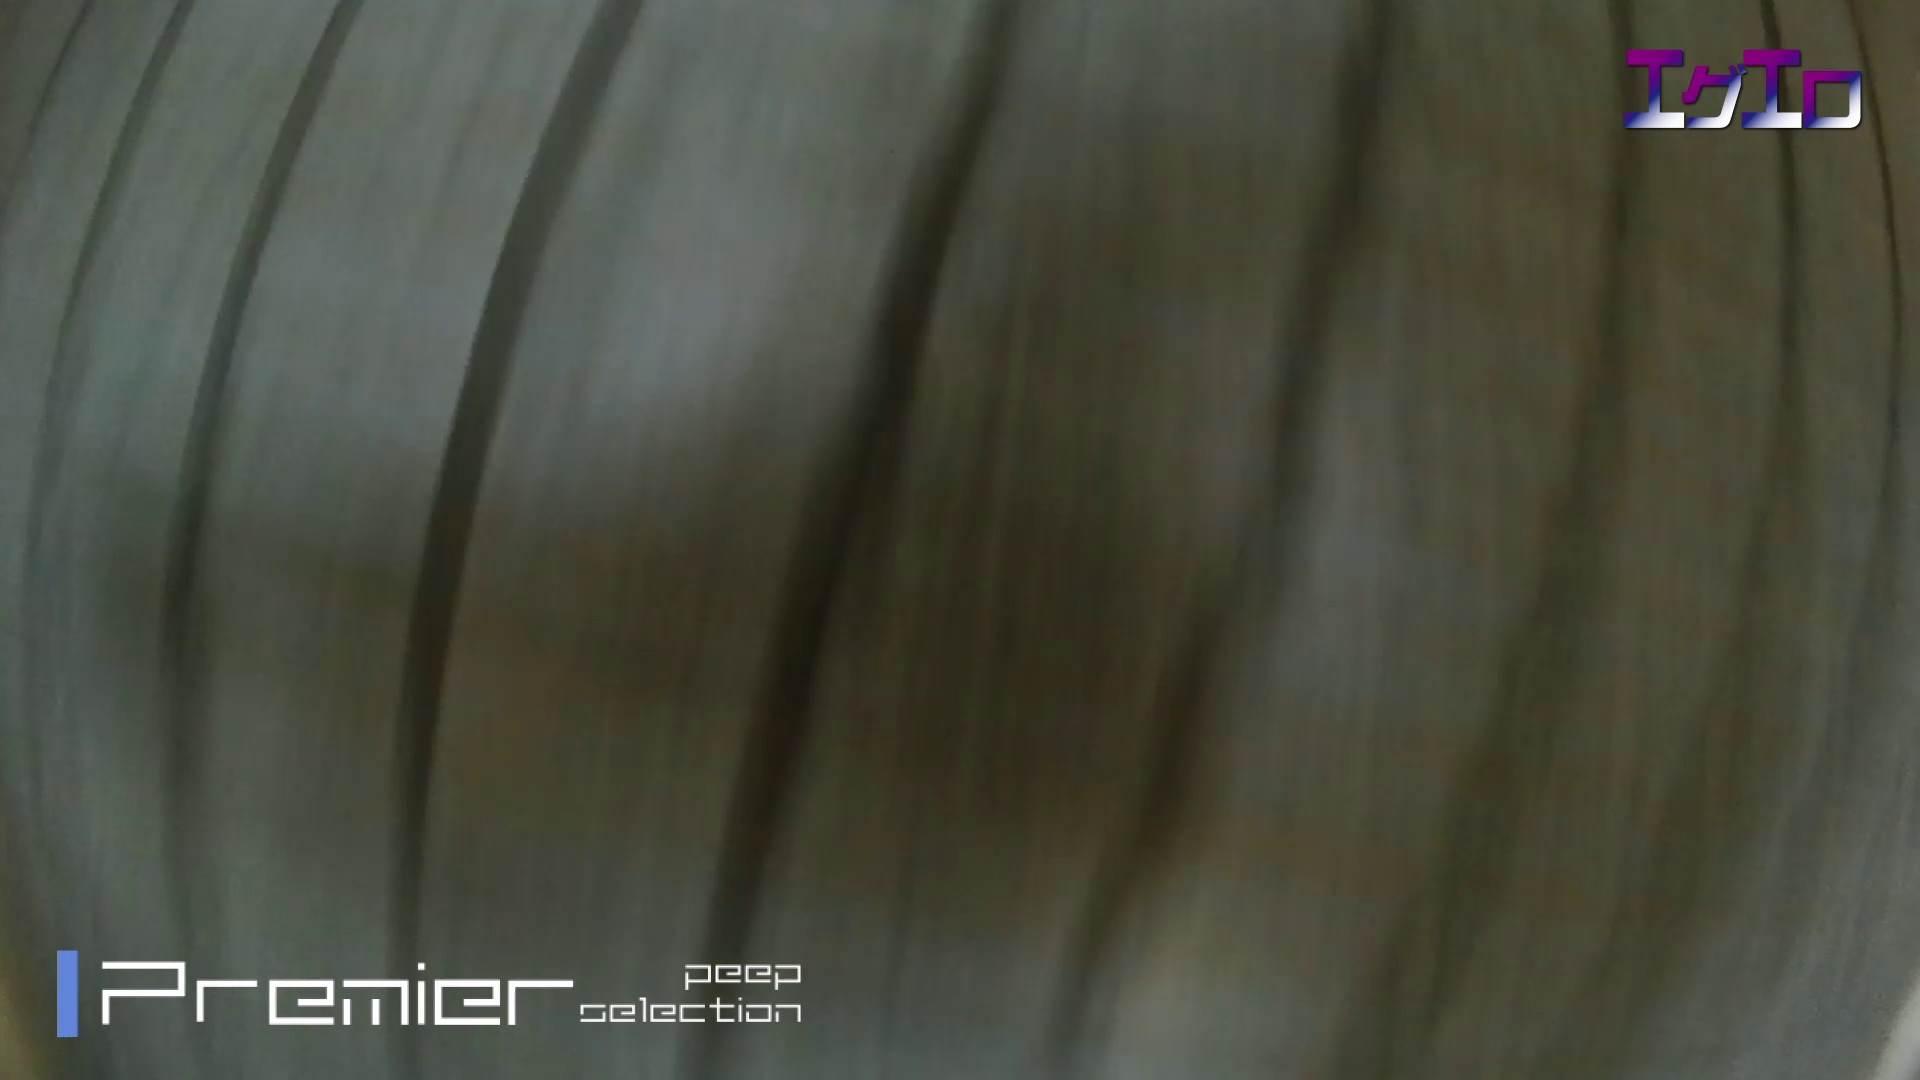 ▲2017_04位▲ 至近距離洗面所 Vol.13 高画質で場所も変えNew 高画質 おまんこ動画流出 97枚 24